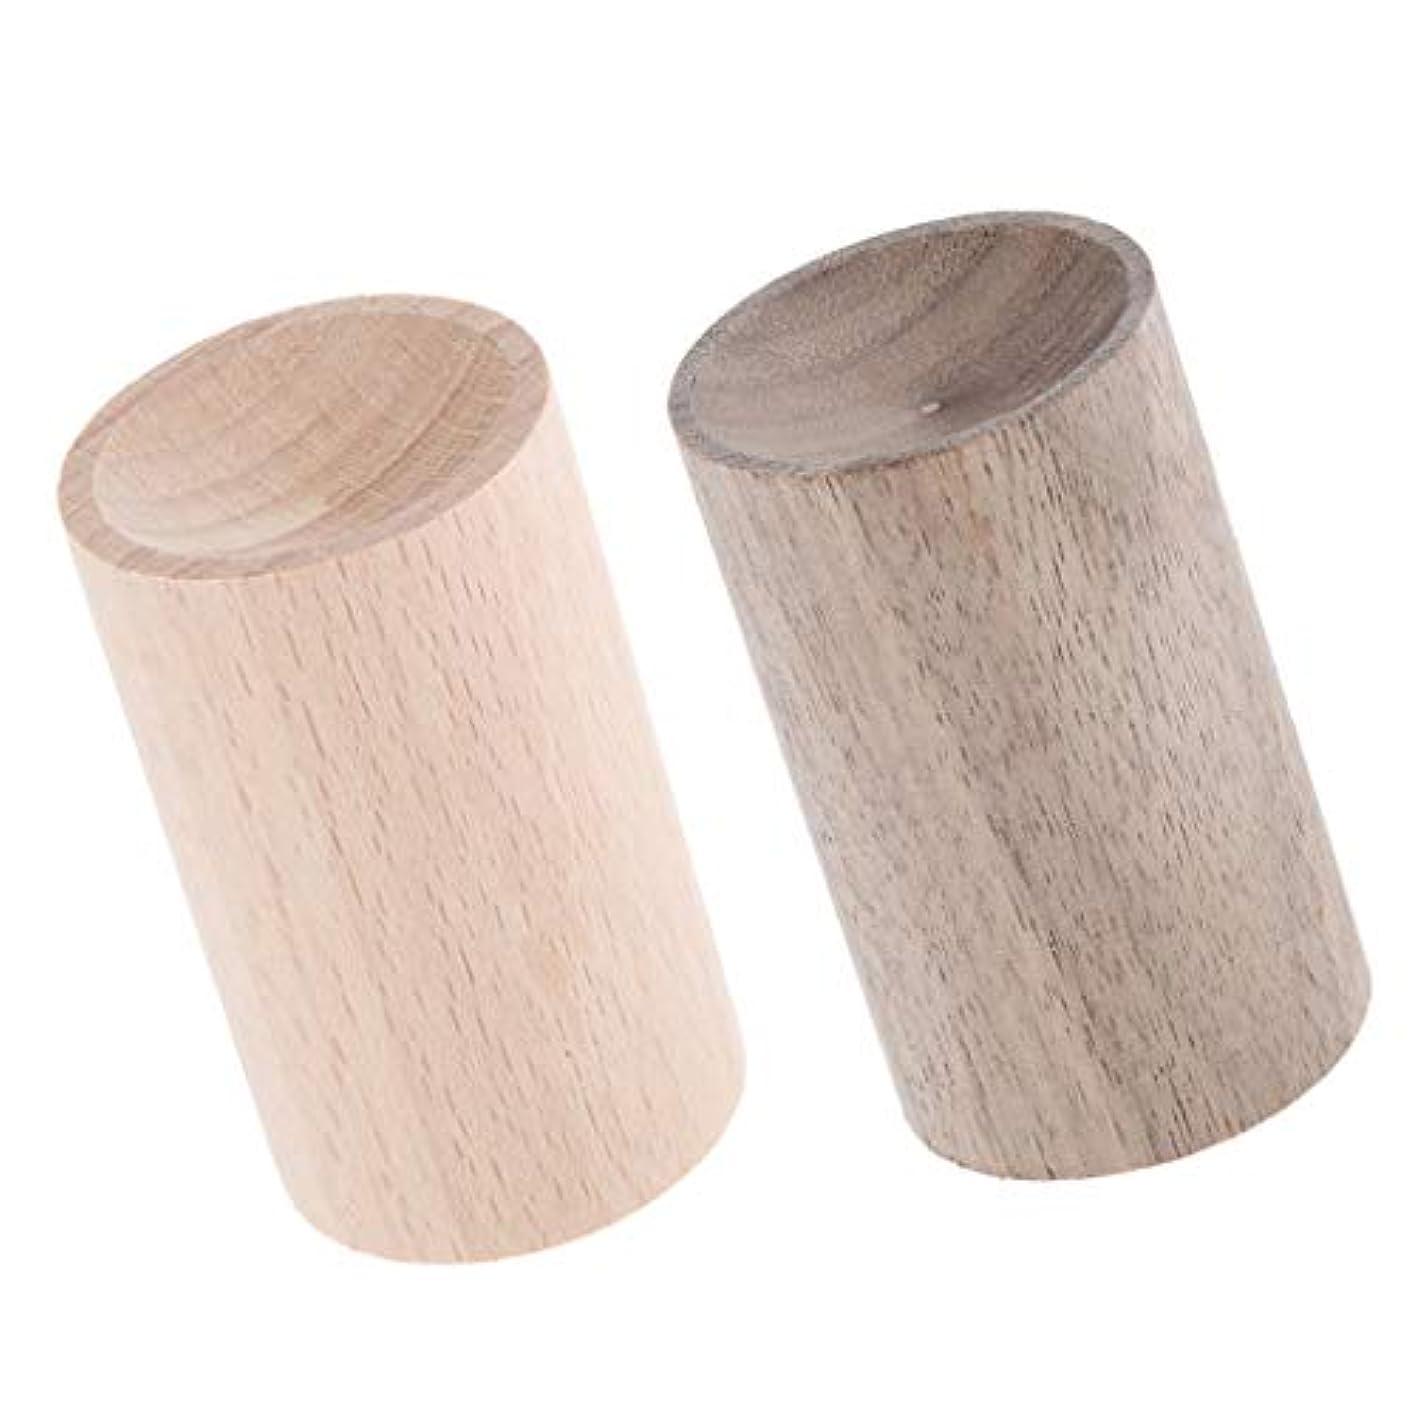 夕方デコラティブハムP Prettyia エッセンシャルオイルディフューザー 芳香剤 手作り 天然木 車、家、オフィス 贈り物 2個入